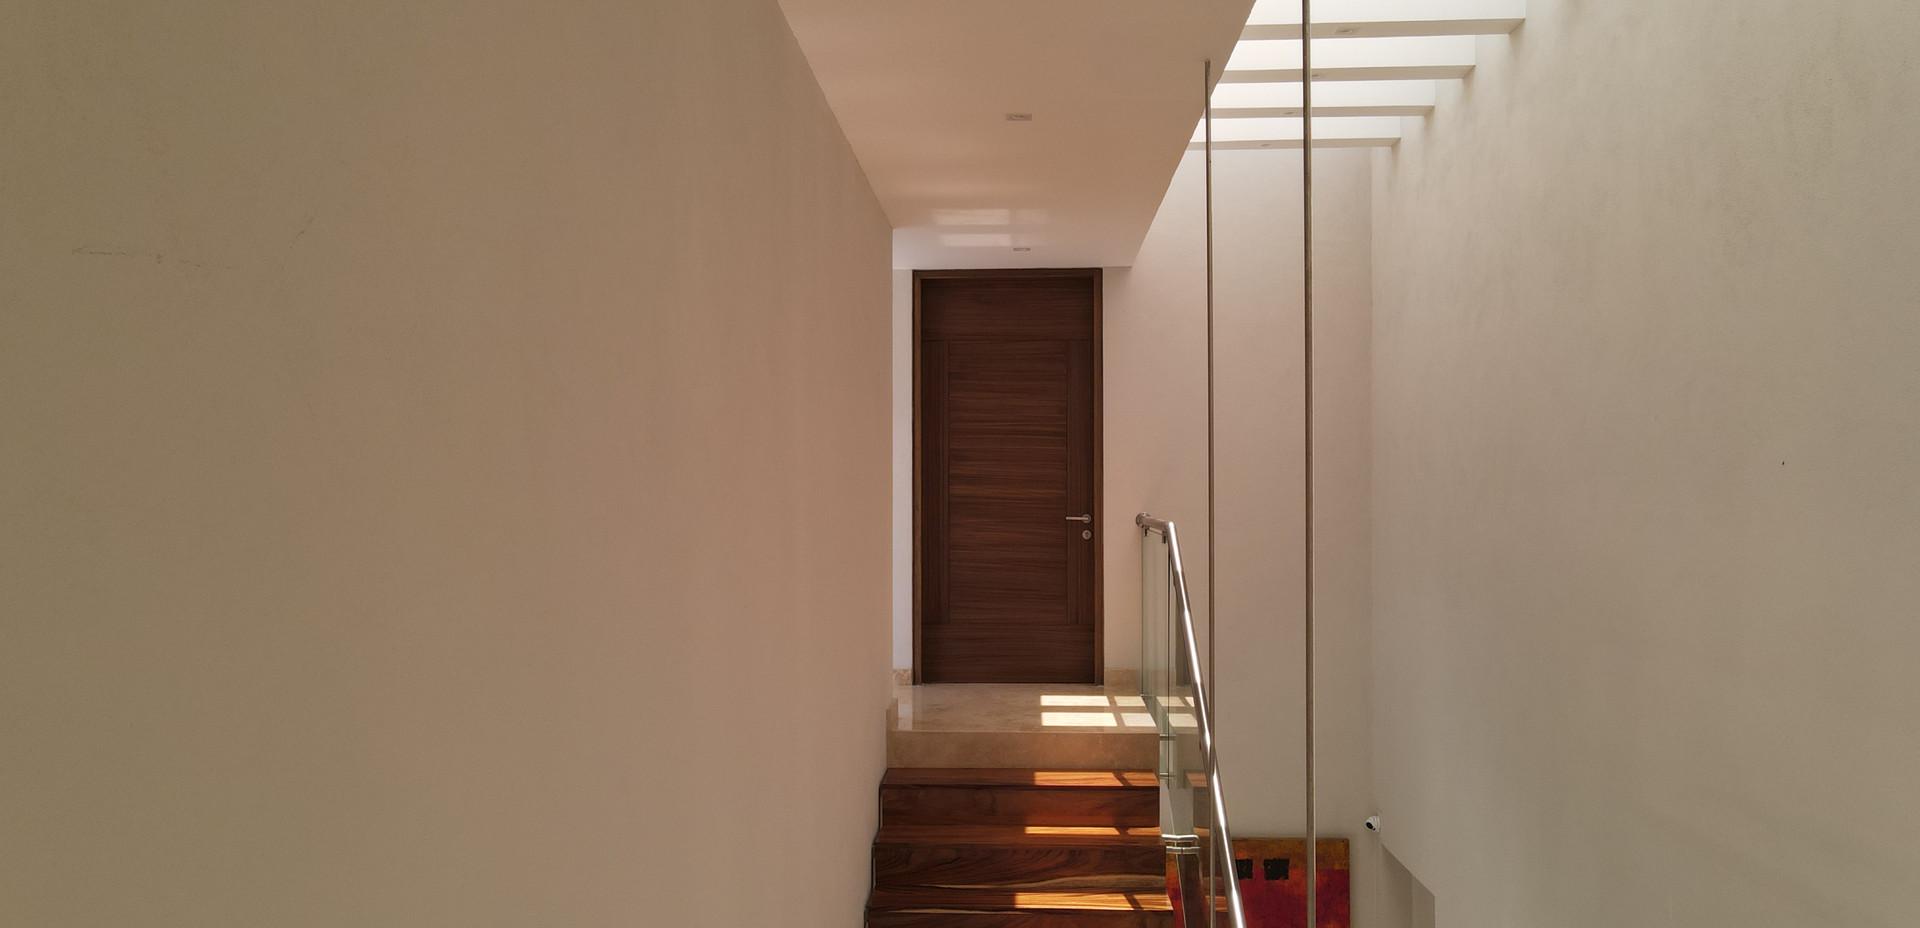 DM Arquitectos-Casa de la Vida 35.JPG